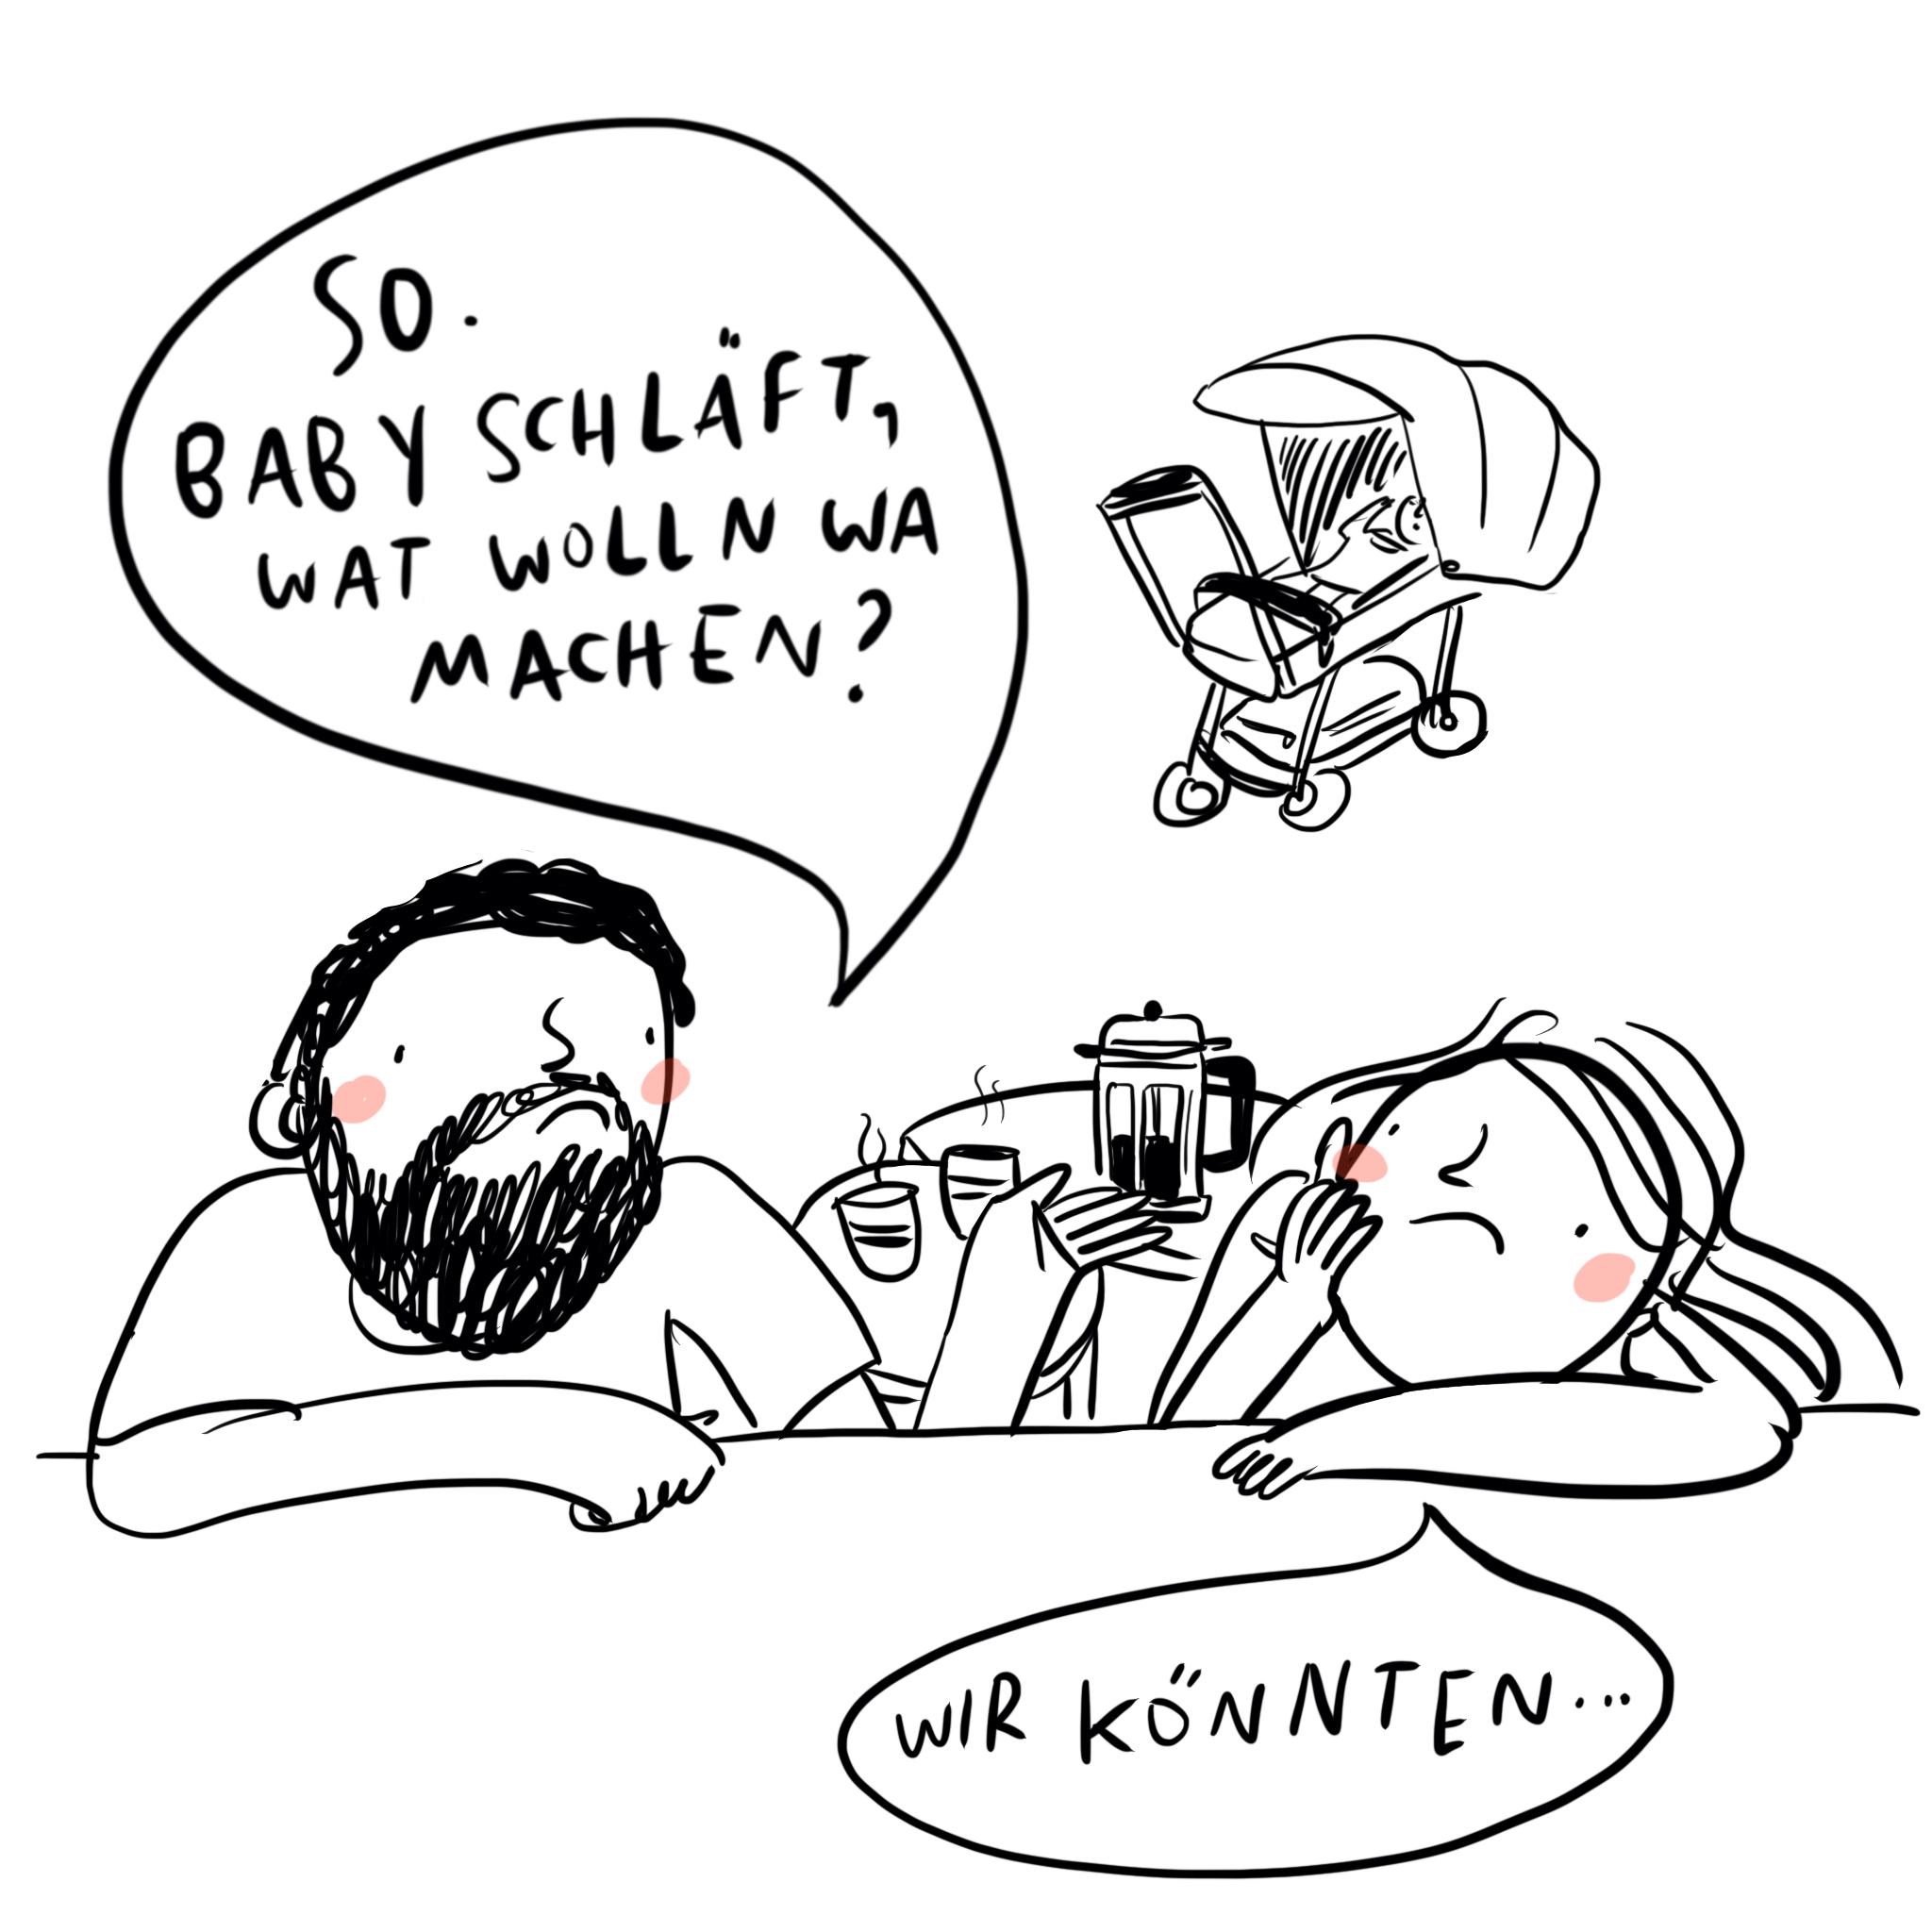 babyschläft_01.jpg